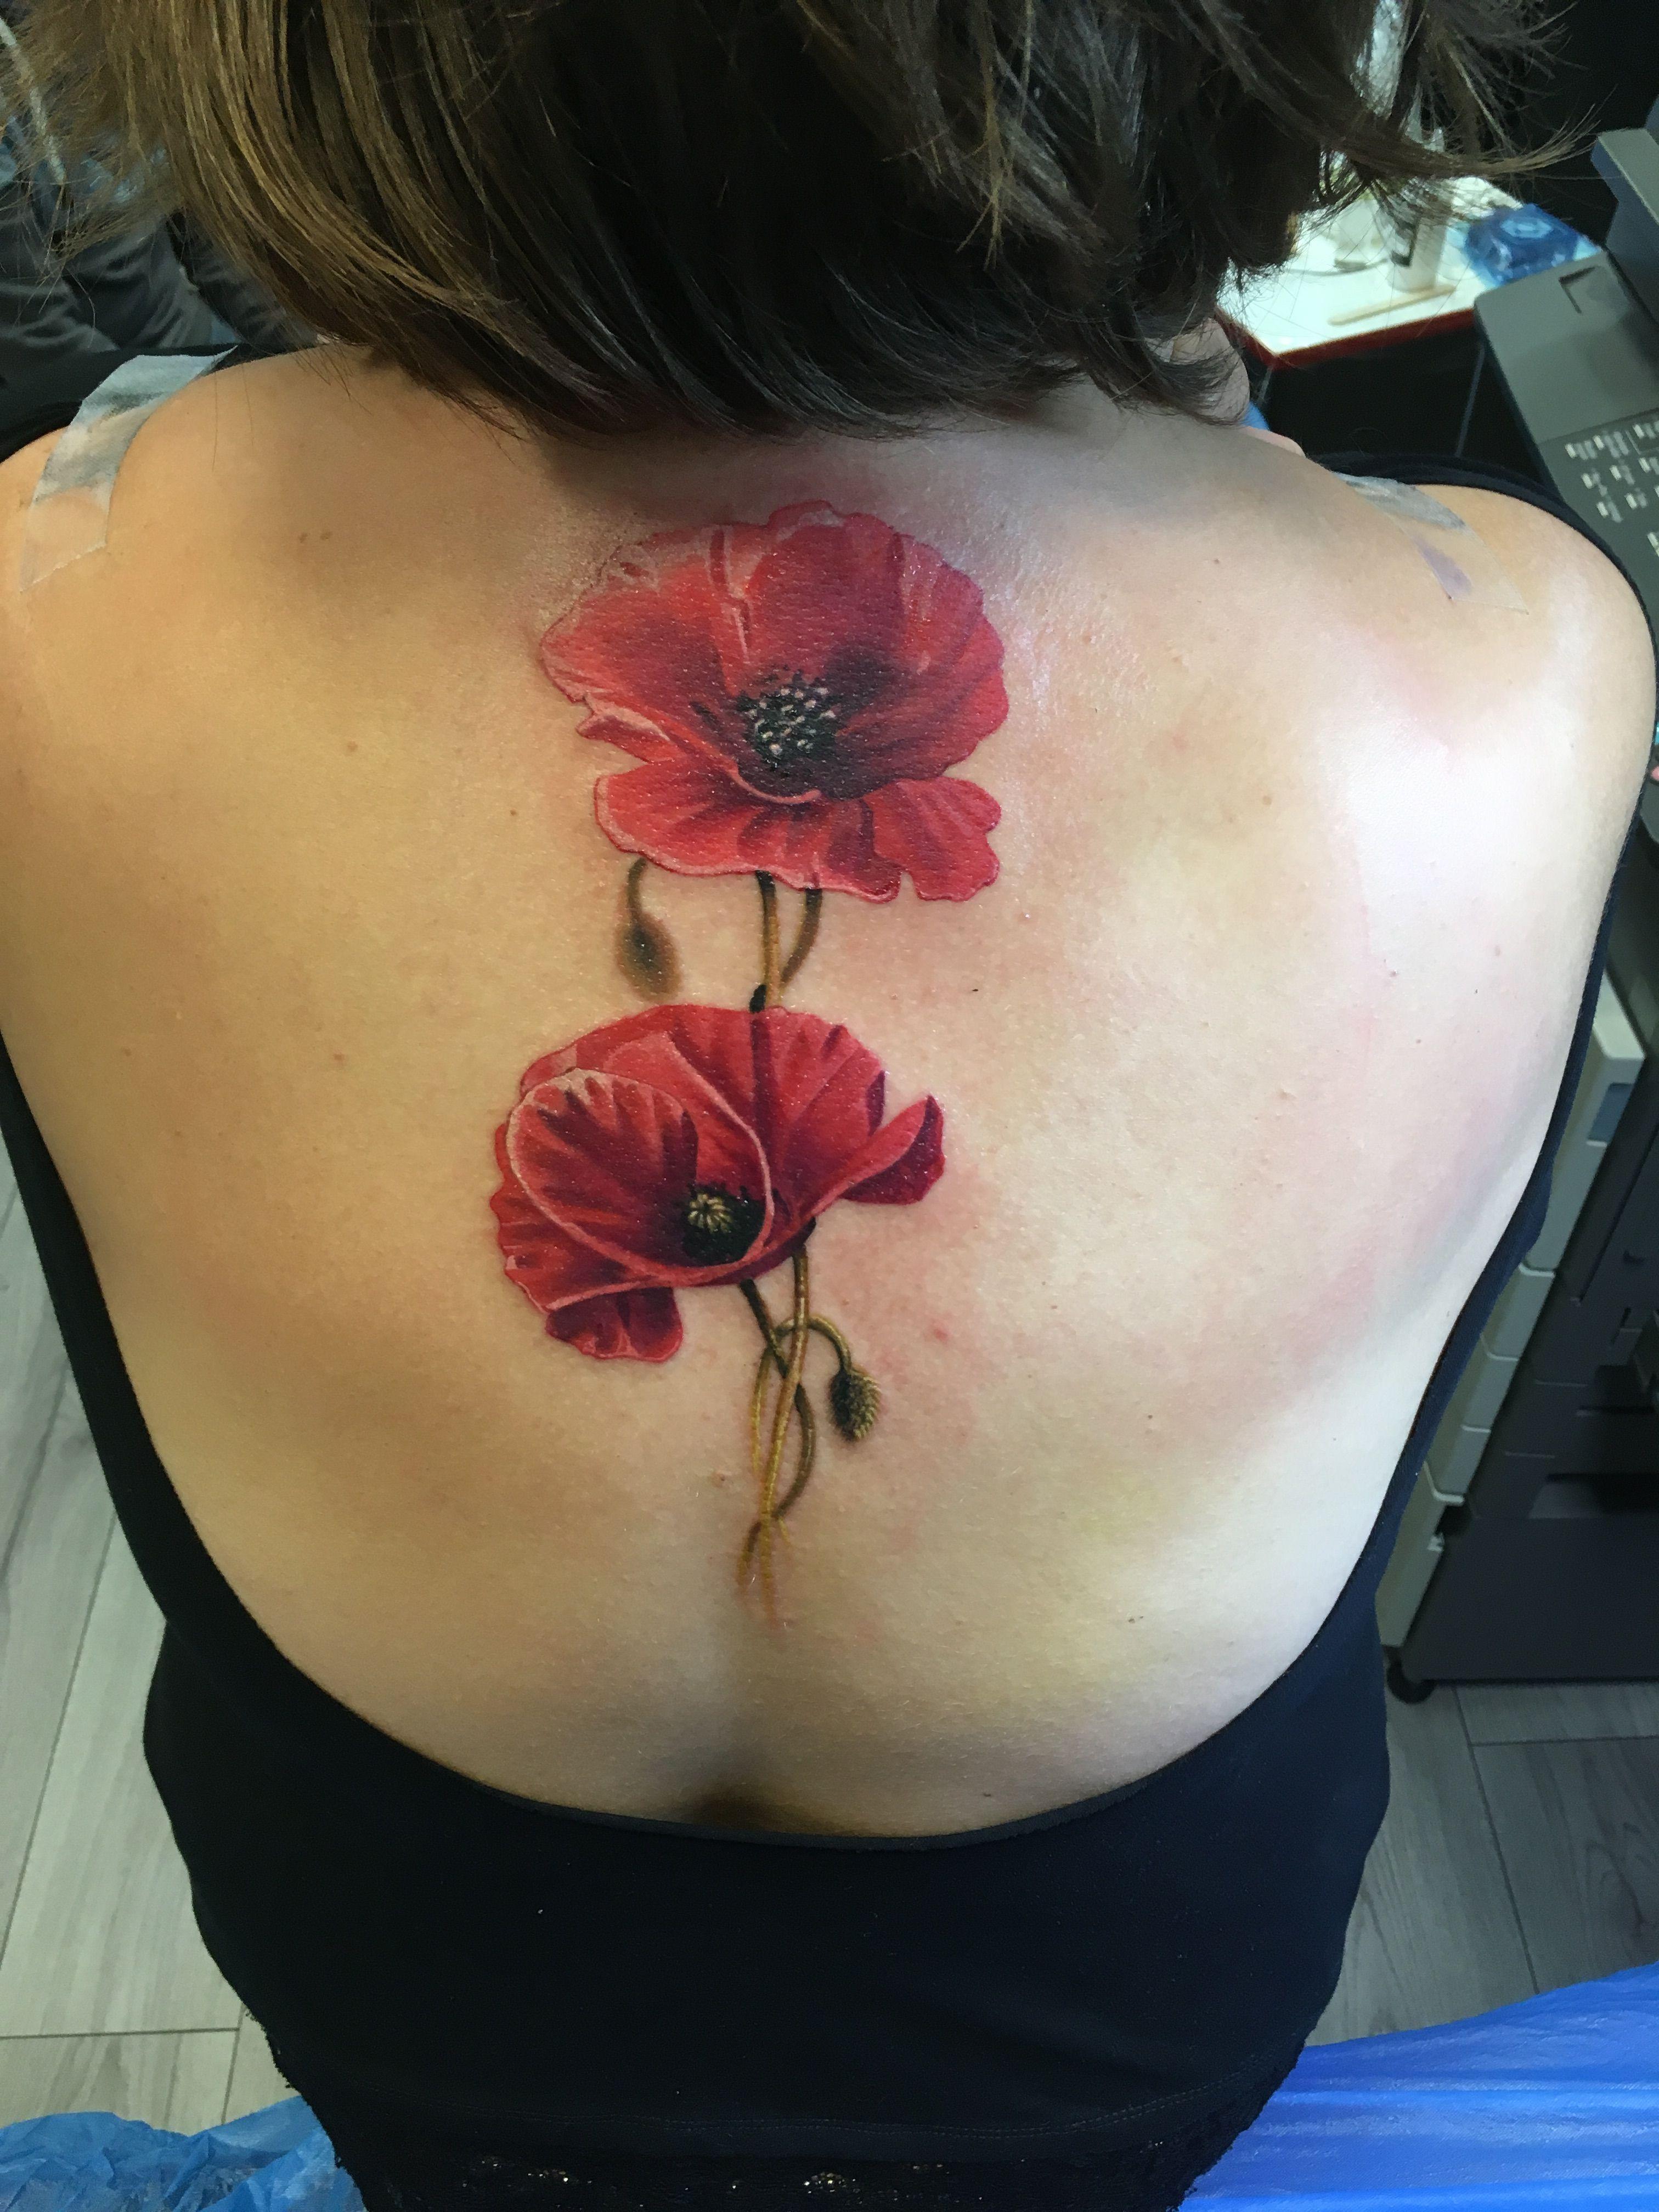 Pin Von Simona Auf Ruckentattoo Mohnblumen Tattoo Mohnblume Tattoo Henna